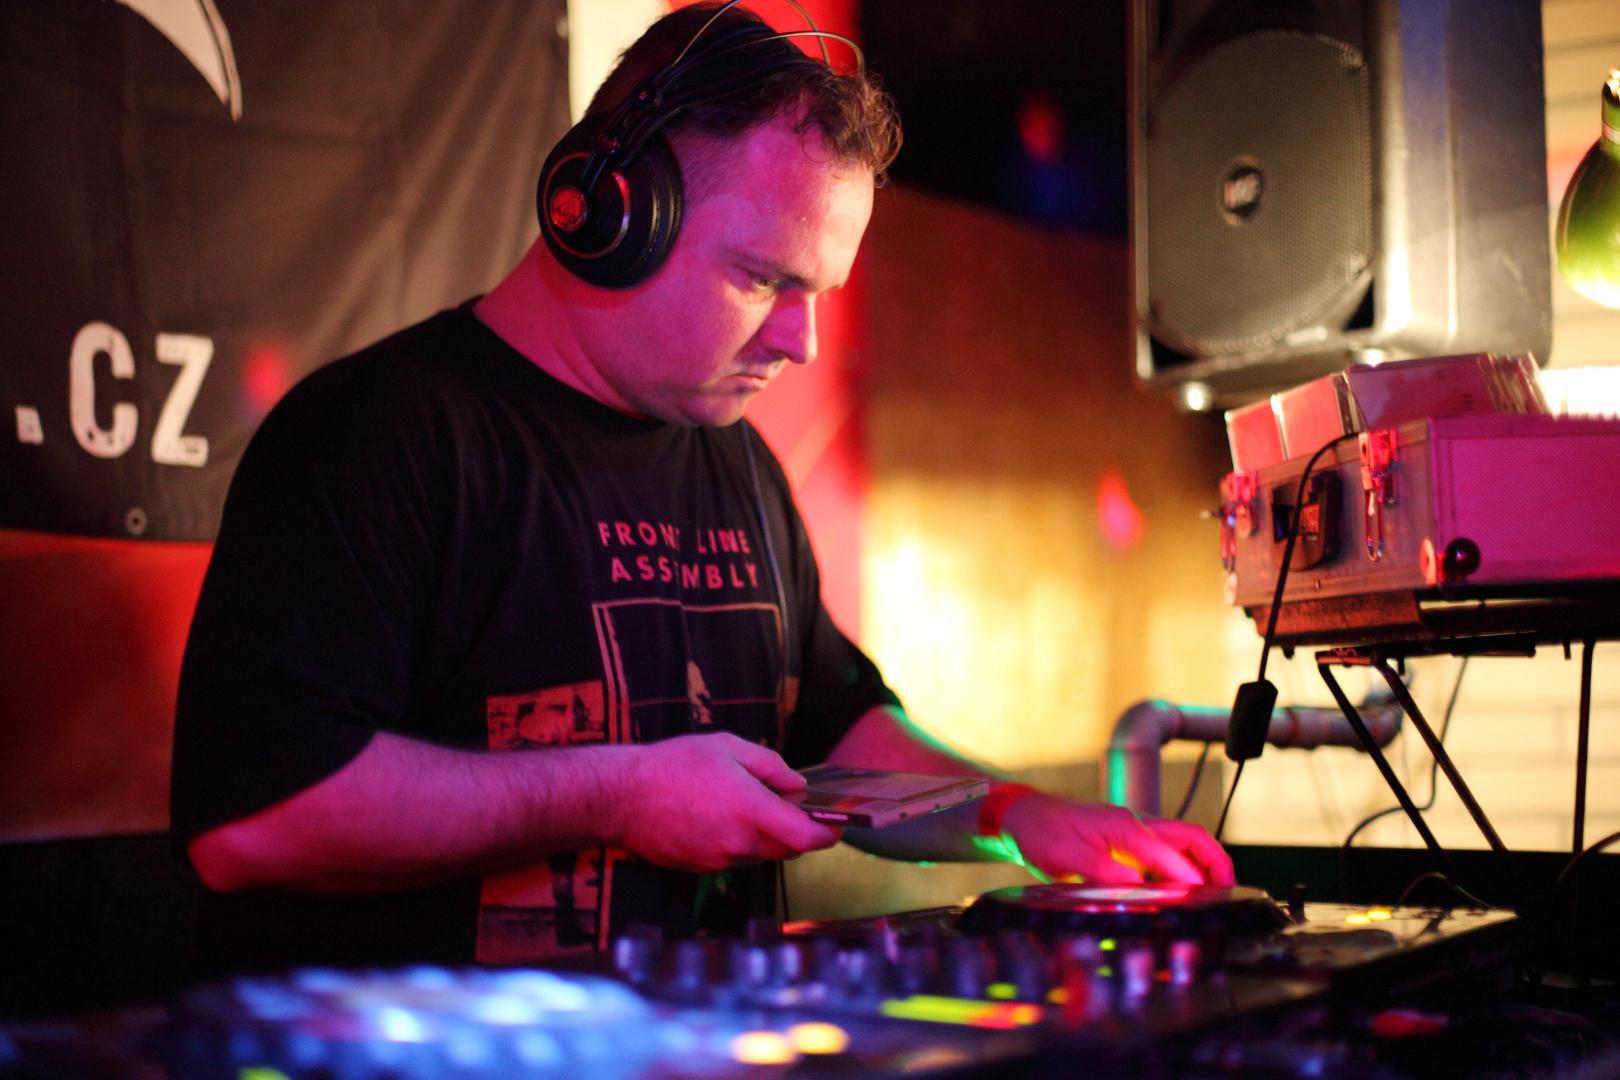 DJ Tranzistor